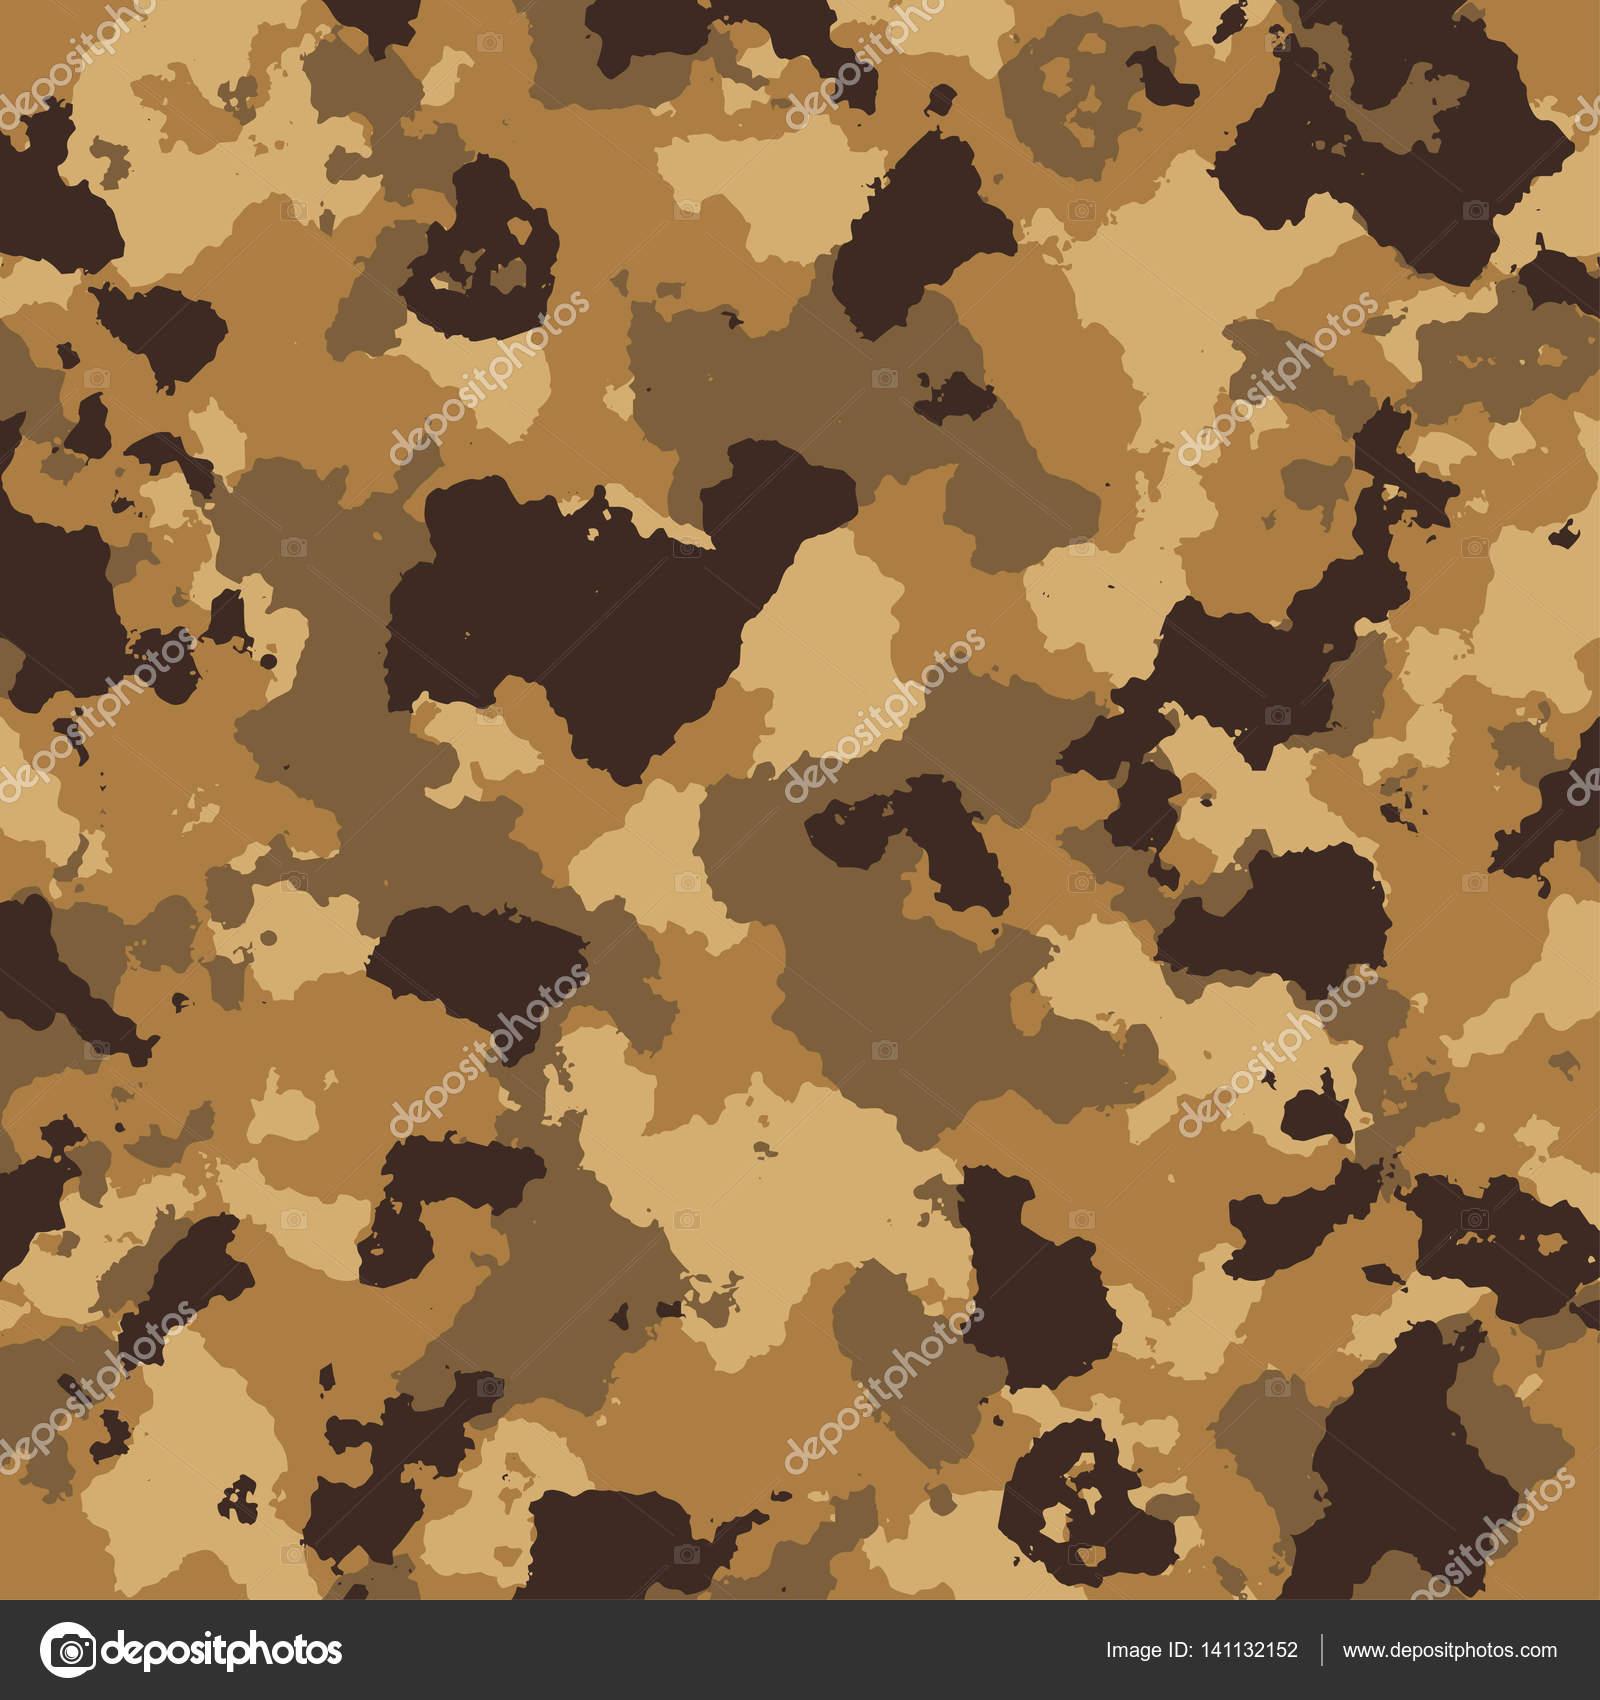 Dessin de camouflage militaire de vecteur en couleurs bruns